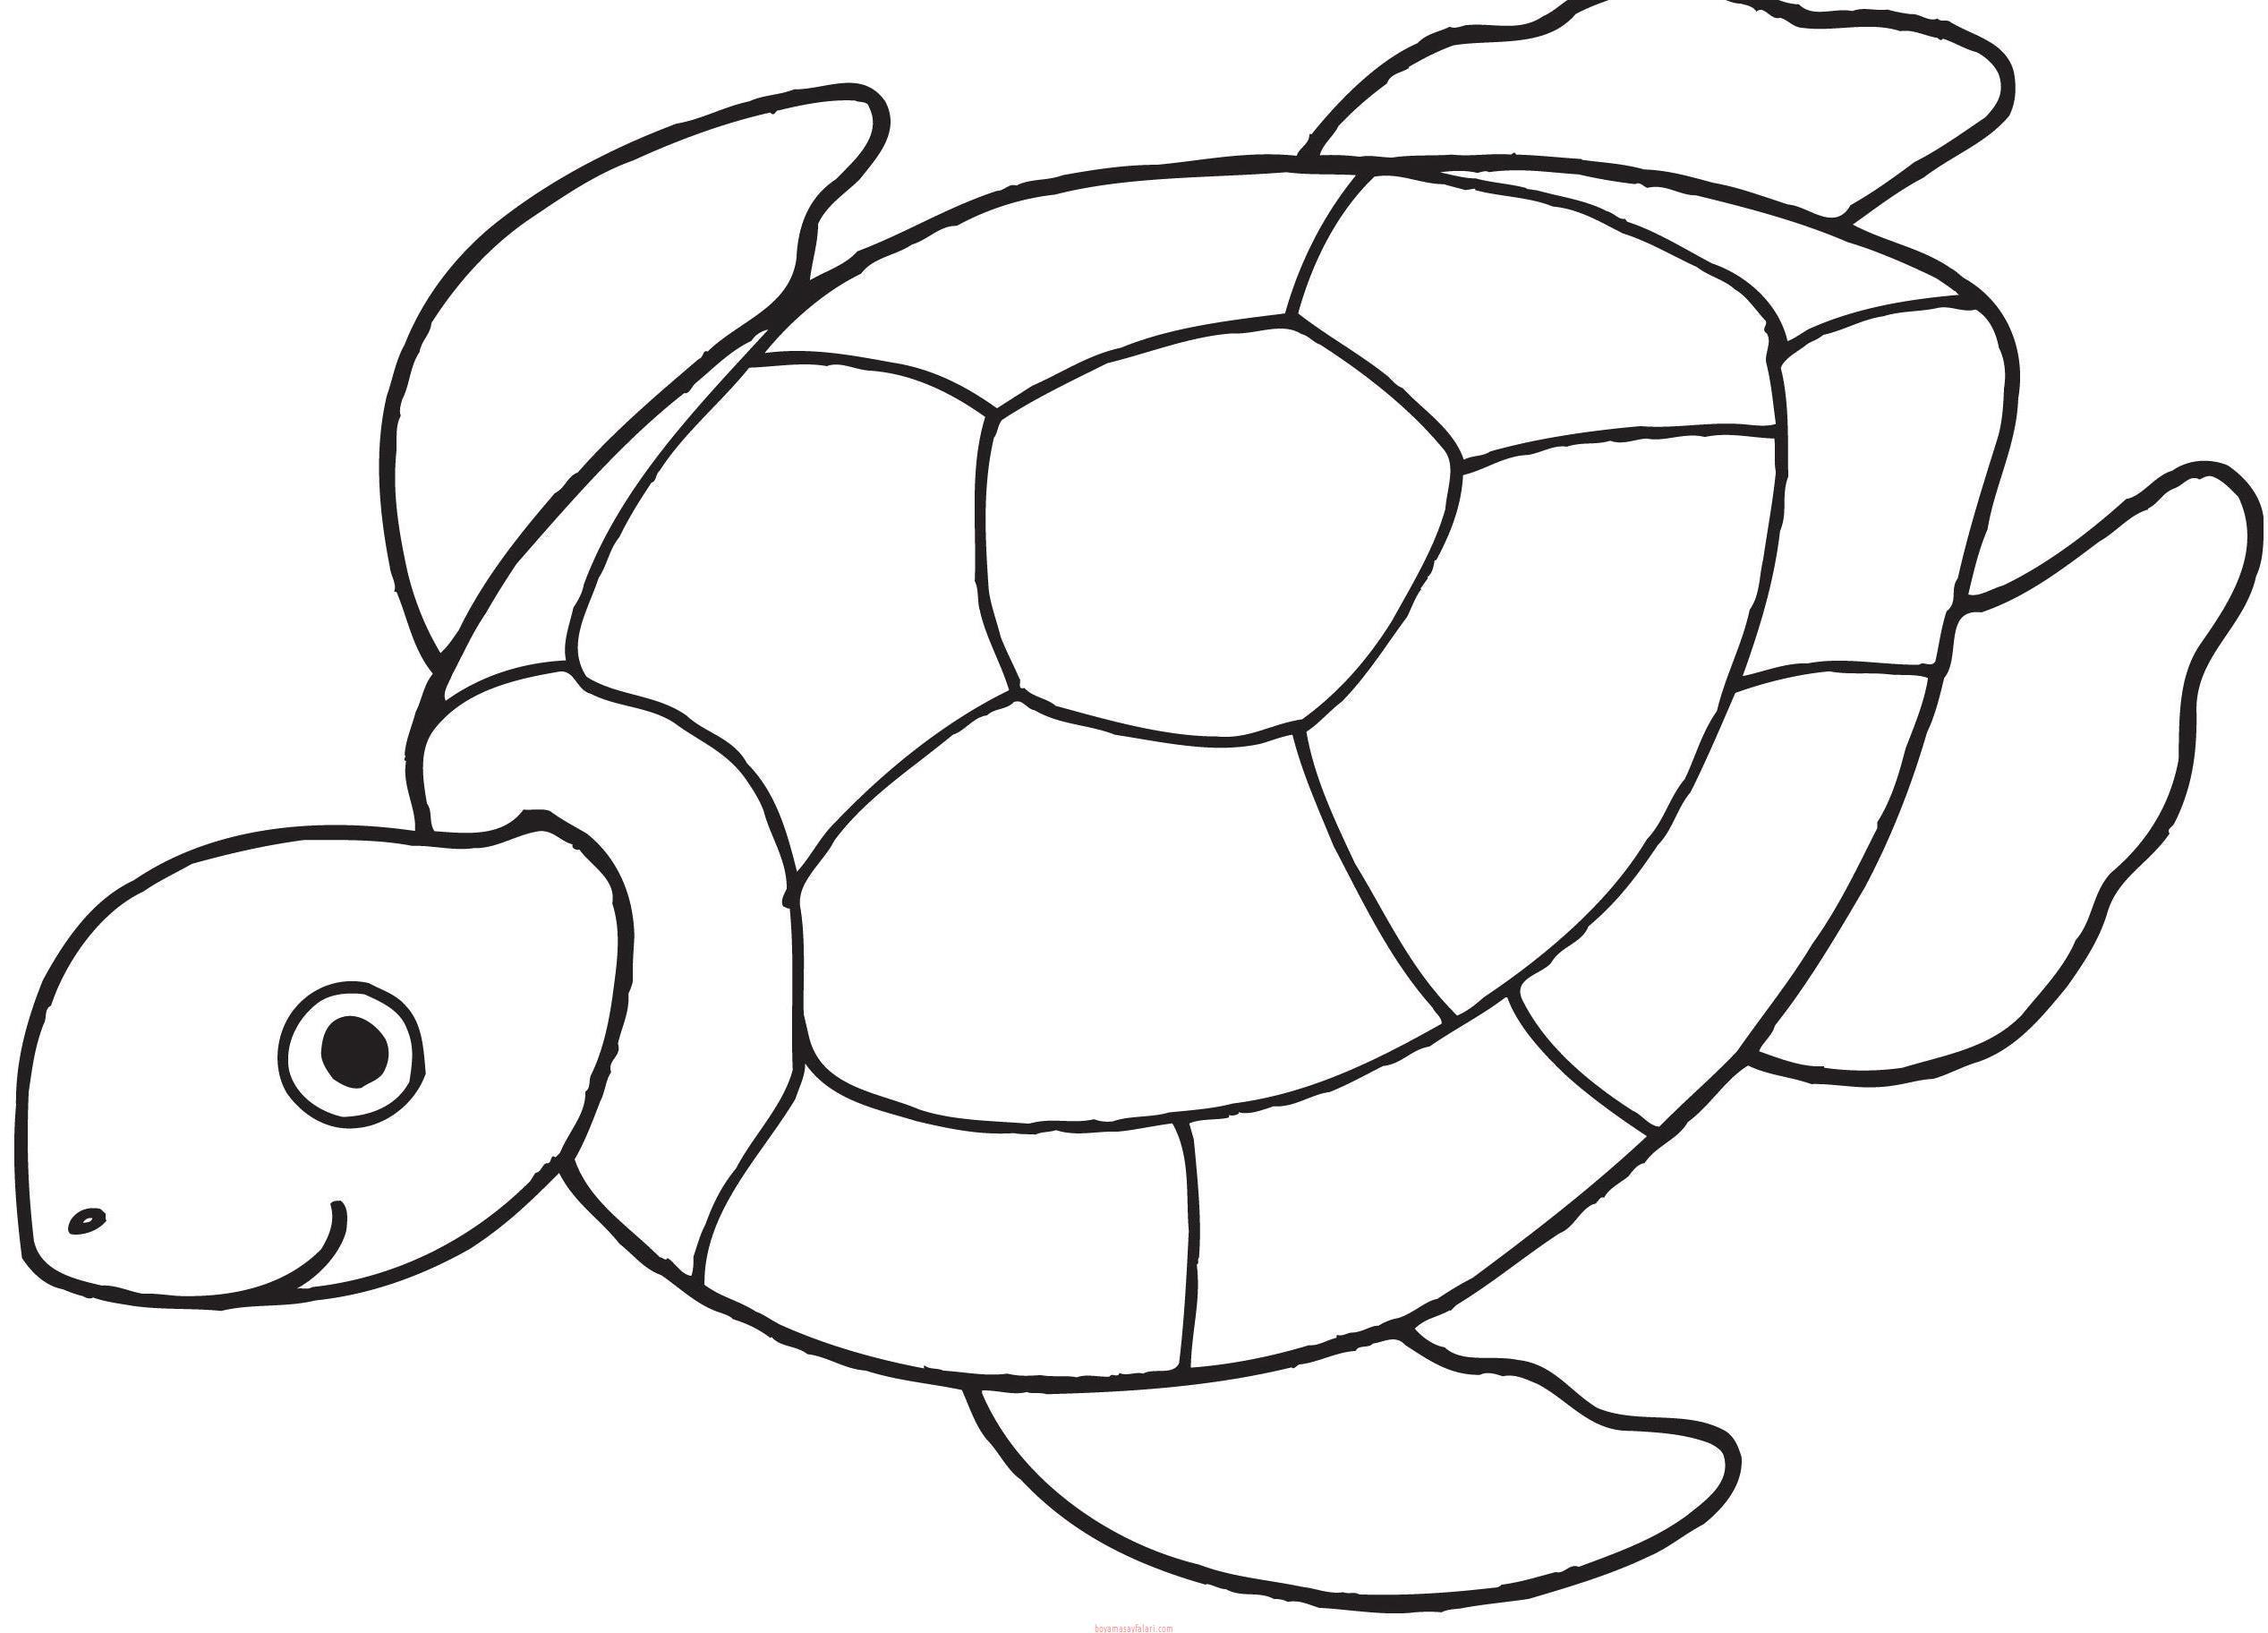 Kaplumbağa Boyama Sayfaları 2 Sınıf öğretmenleri Için ücretsiz